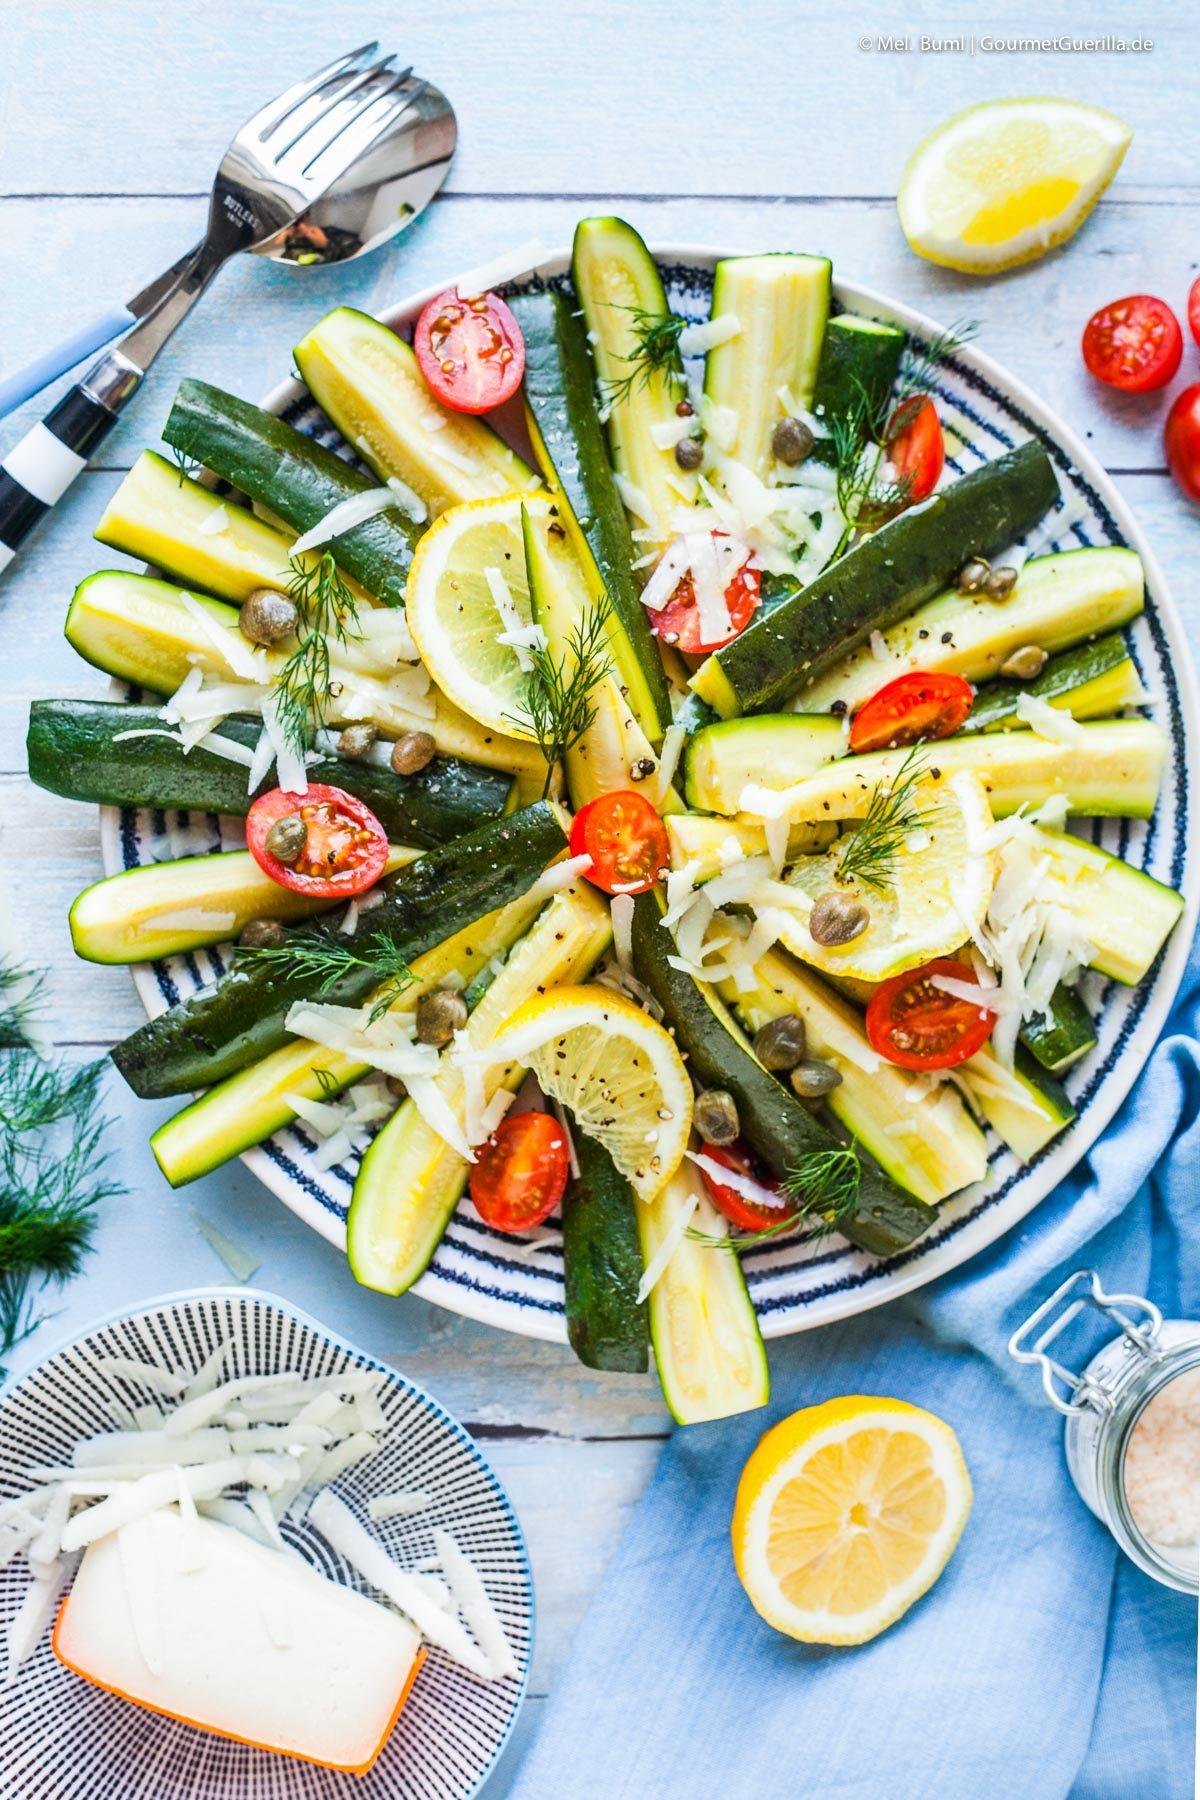 Zucchini- Salat mit Ziegenkaese, Dill und Zitrone |GourmetGuerilla.de